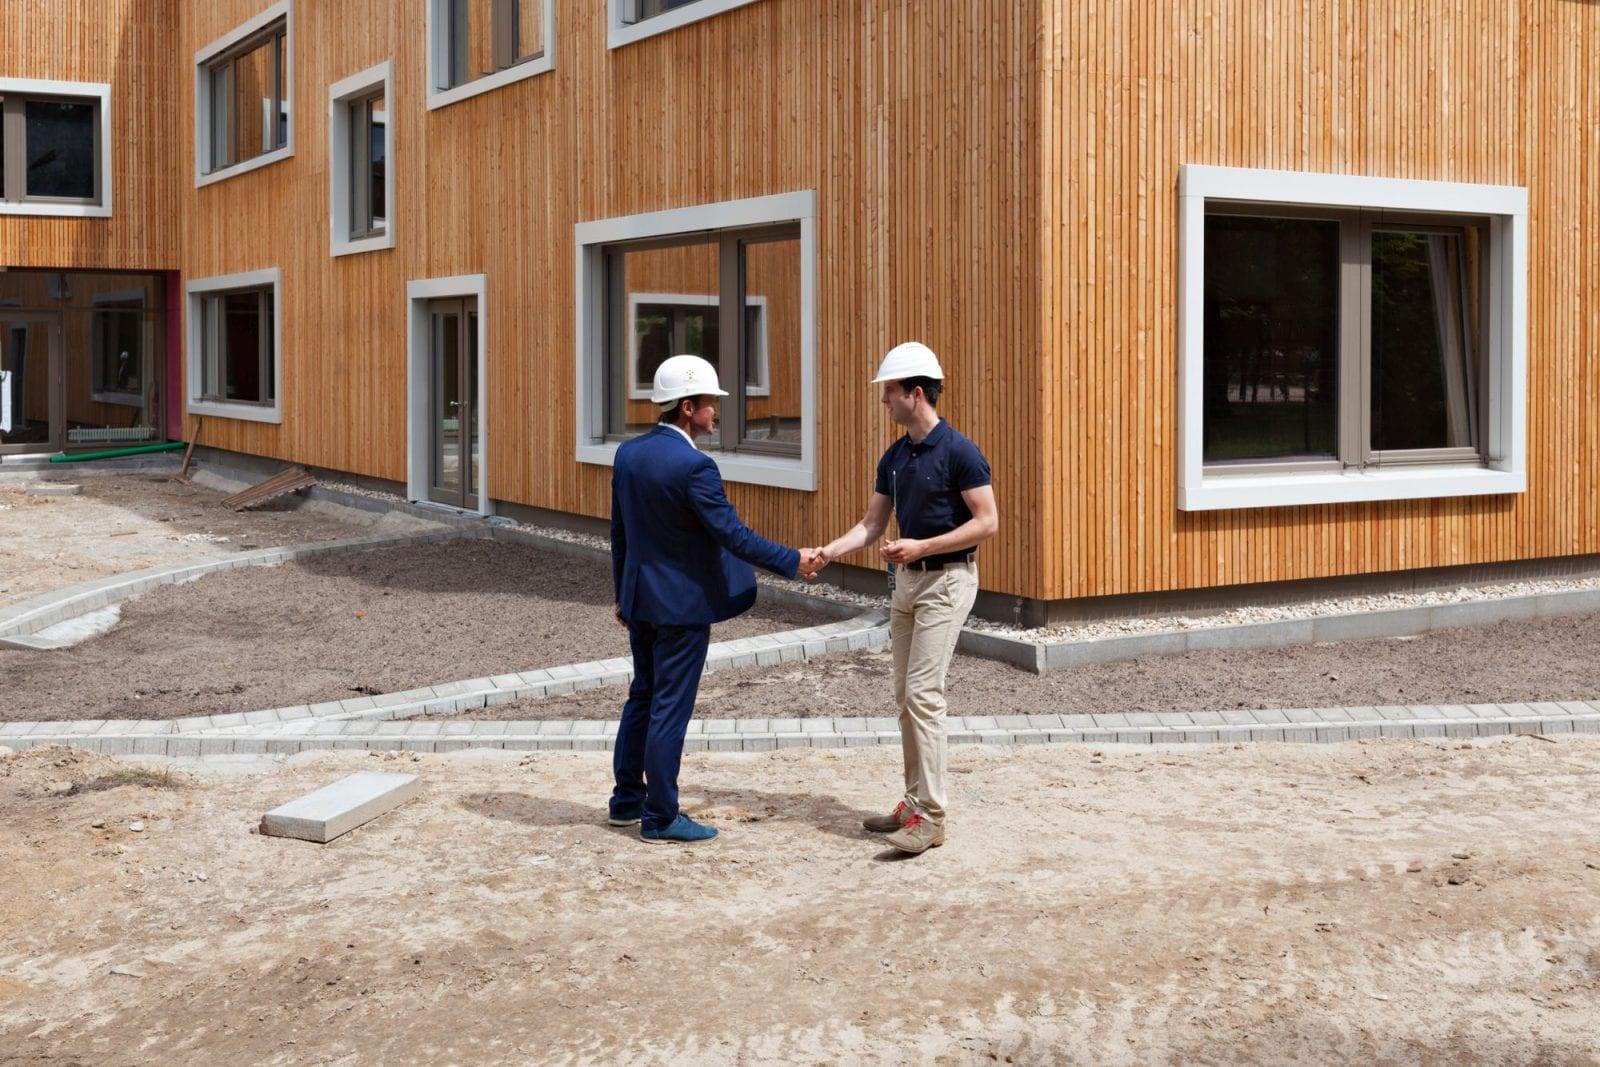 Architekten Suchen gmp architekten gerkan marg und partner berlin mitarbeiter